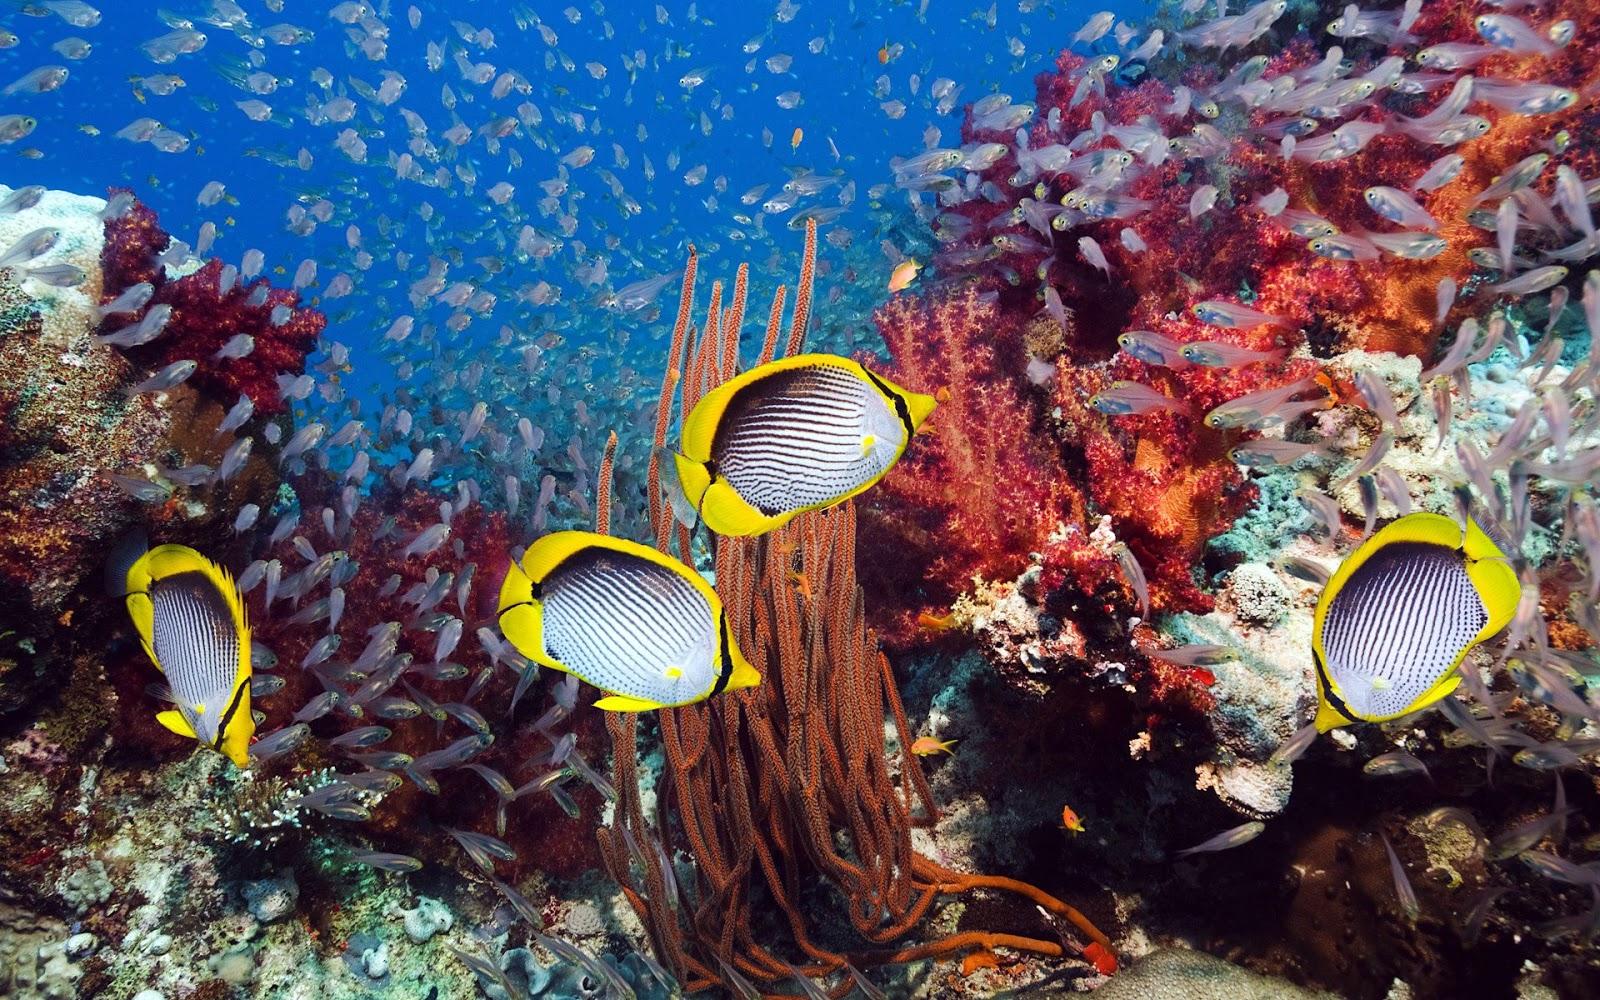 http://4.bp.blogspot.com/-WNGxIngghPg/UPHo13bK1jI/AAAAAAAACSA/GwPnh2dNkEw/s1600/fishes-pictures-3D.jpg